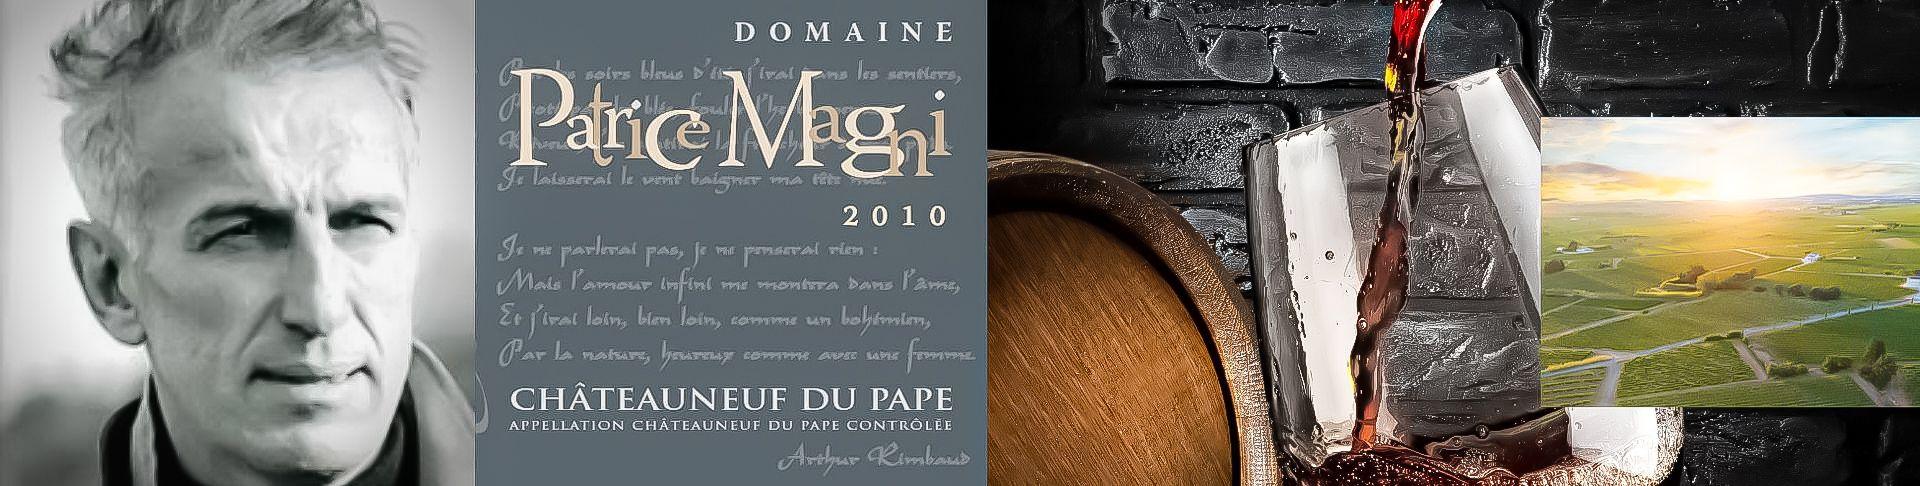 Domaine Patrice Magni | Vente en Ligne | Vins Naturels